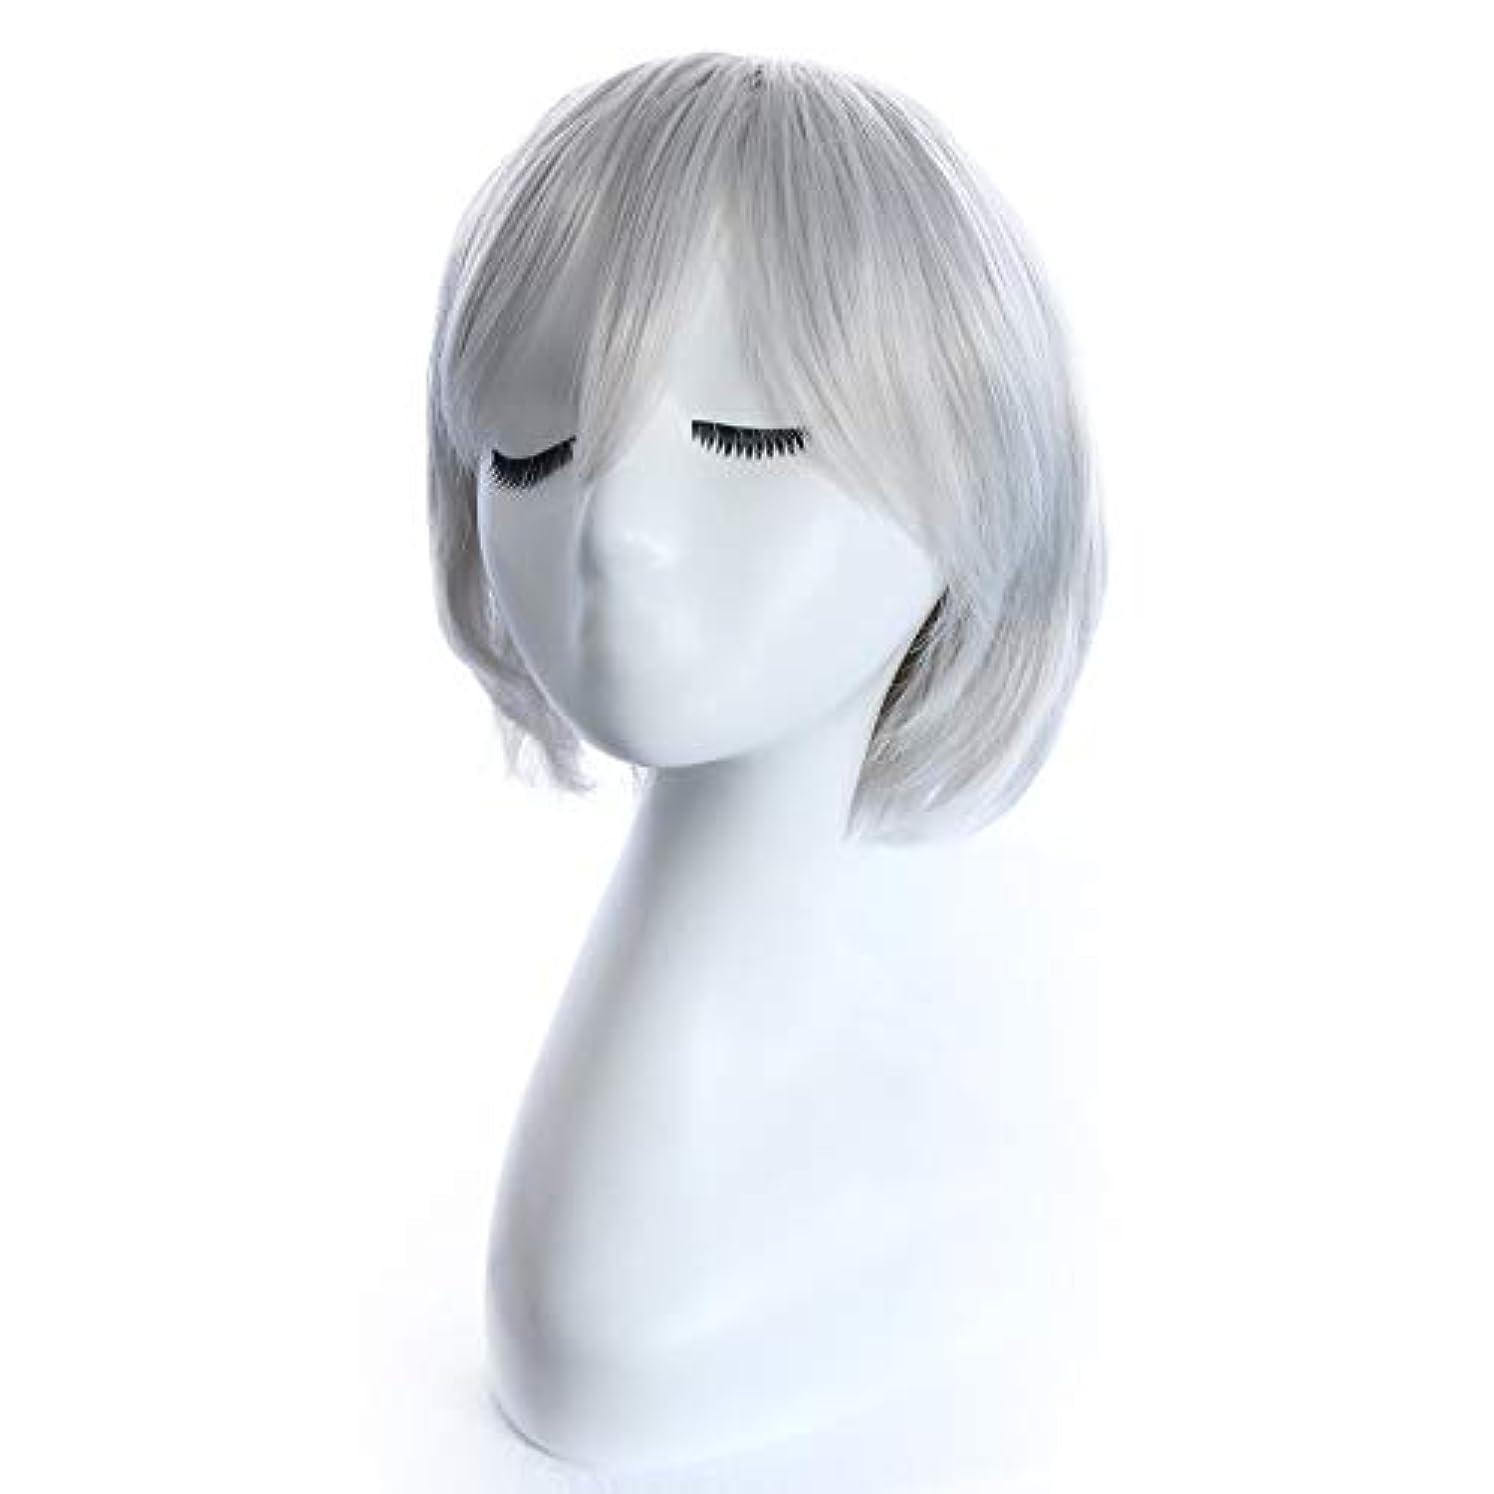 修復苦しめる日付女性のカラフルなコスプレ衣装のために前髪人工毛ウィッグ耐熱性繊維コスプレウィッグショートナチュラルストレートウィッグ (Color : 銀)